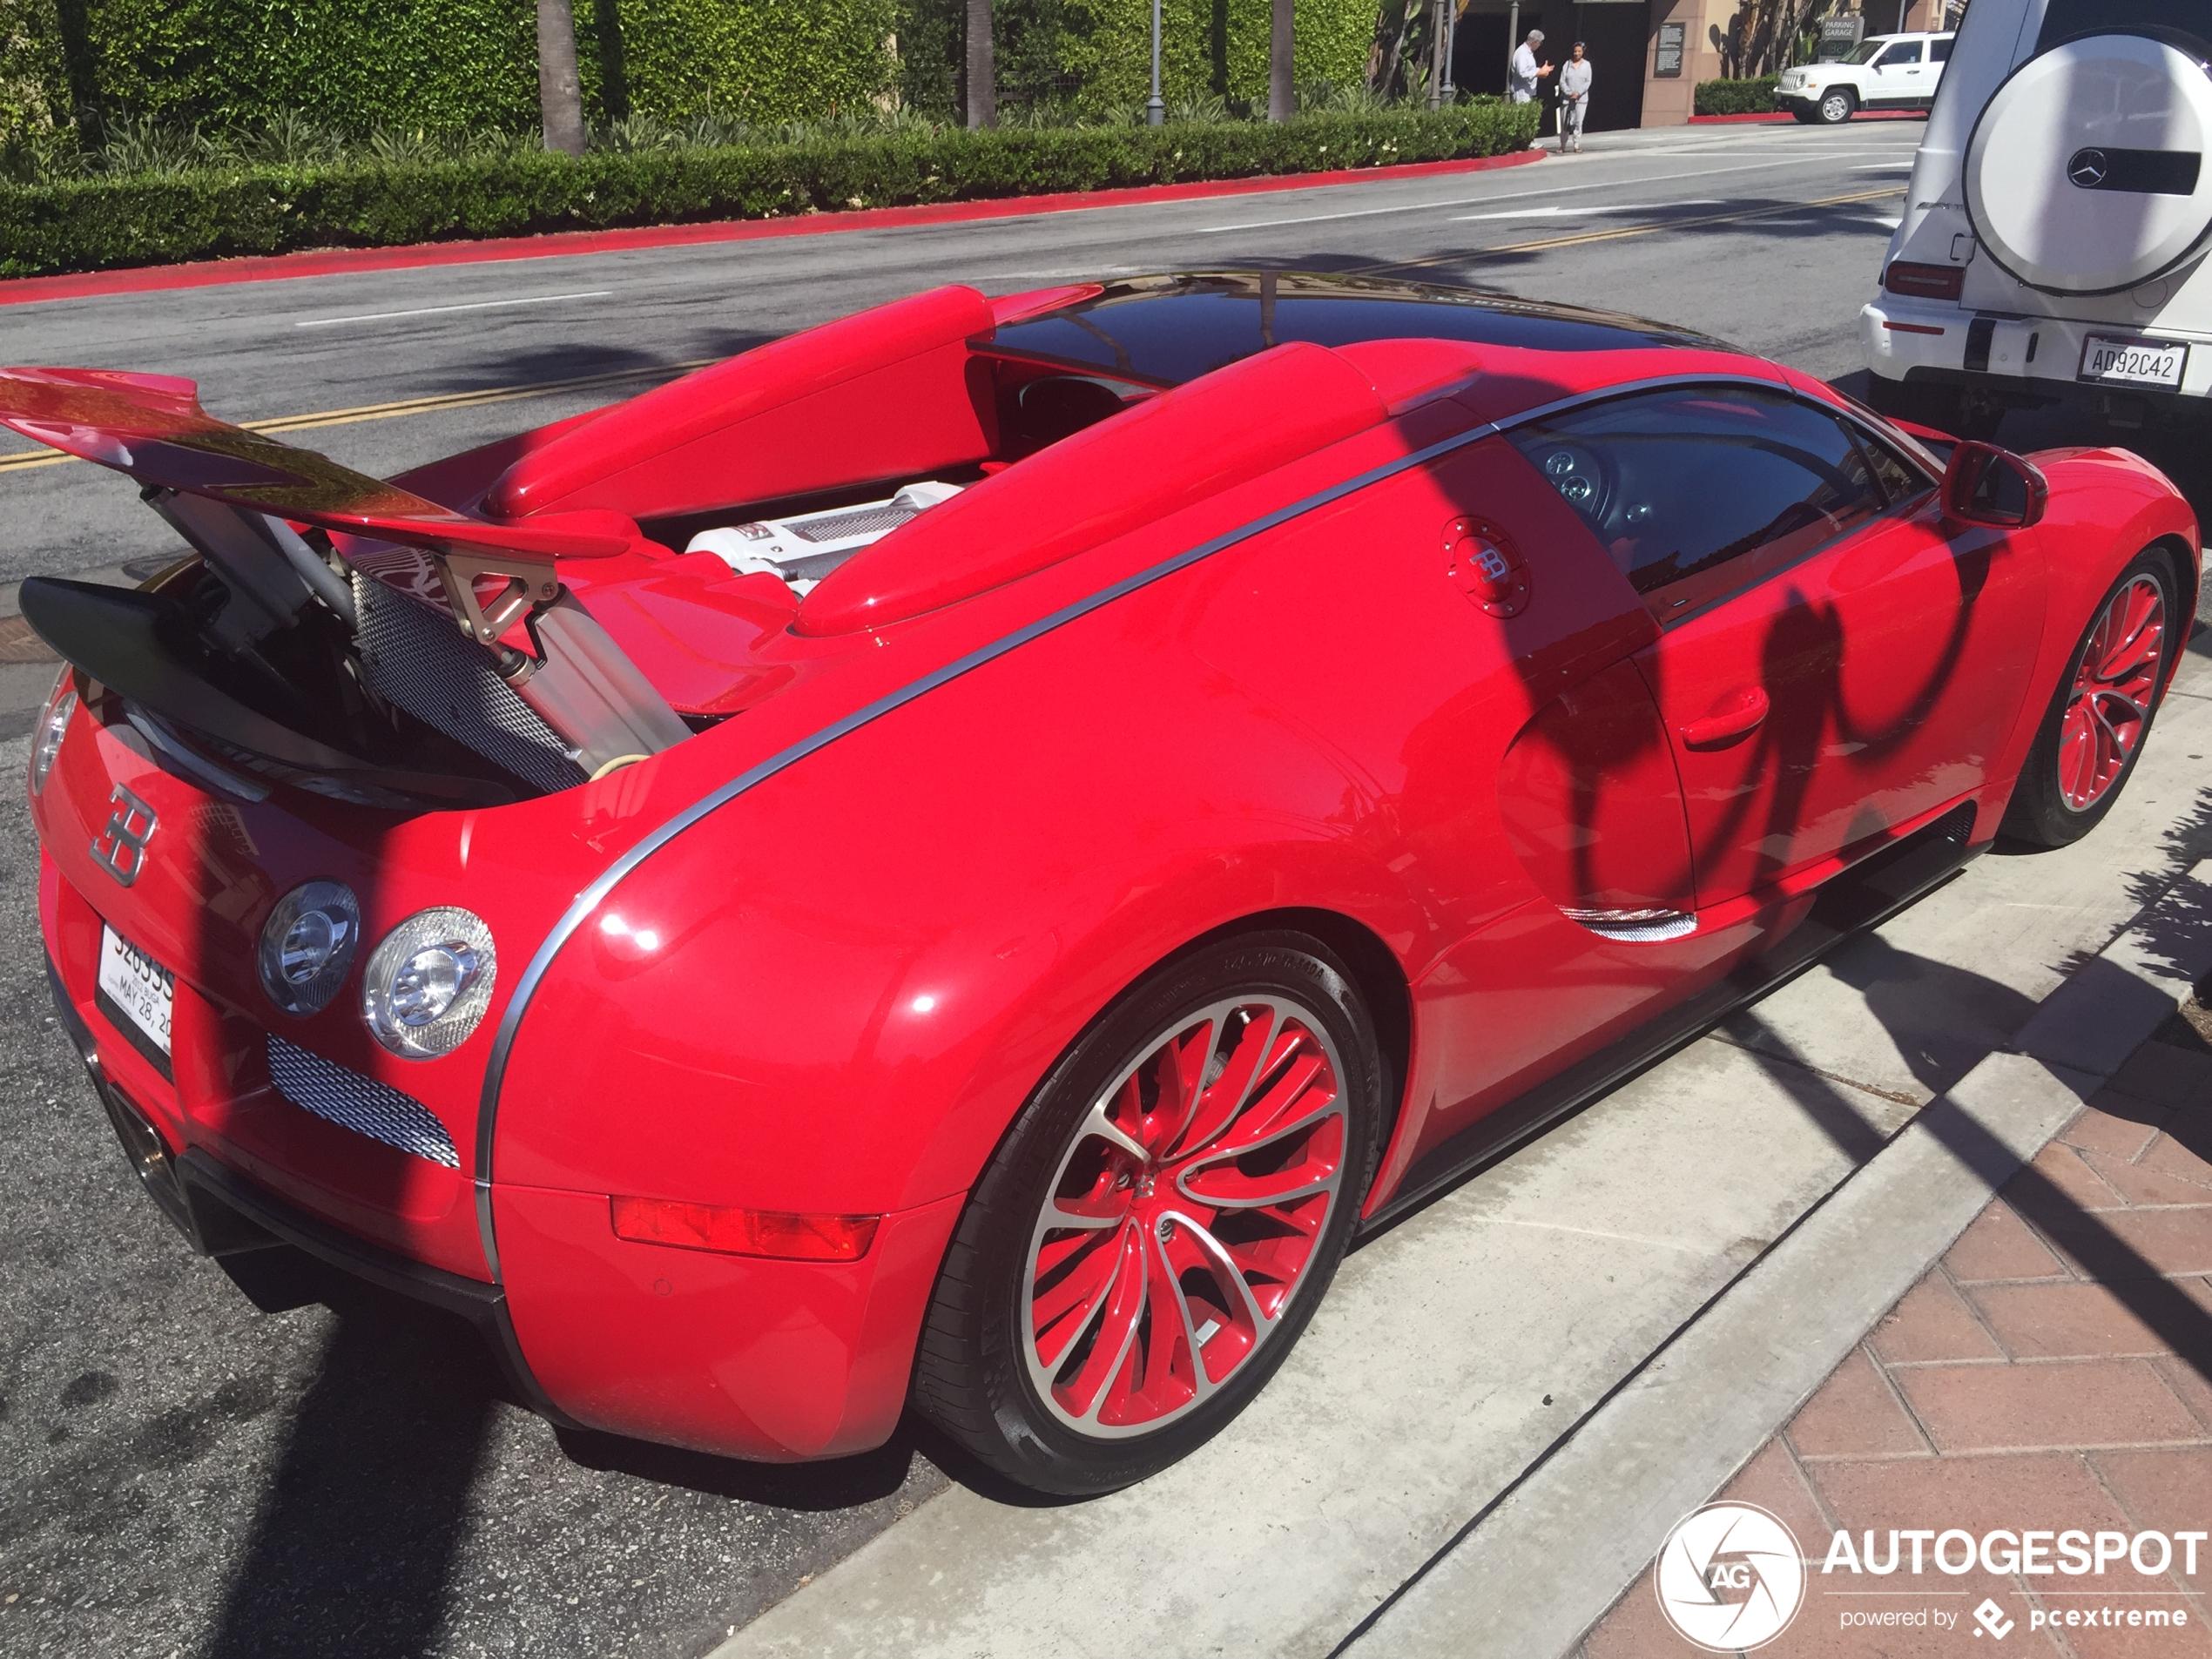 Birdman's Bugatti Veyron 16.4 Grand Sport duikt weer op